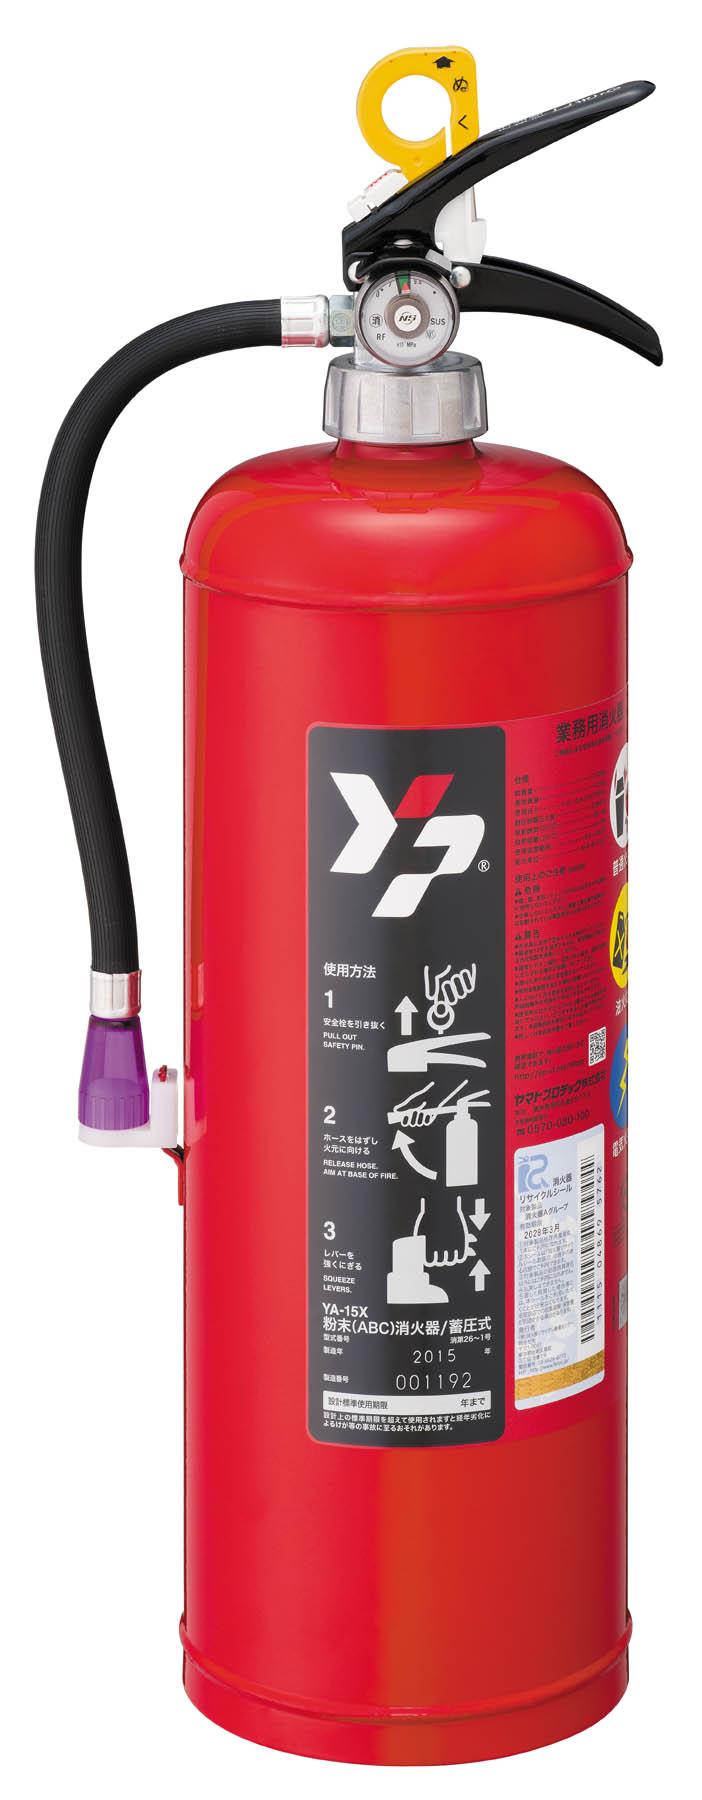 粉末(ABC)蓄圧式消火器 YA-15X